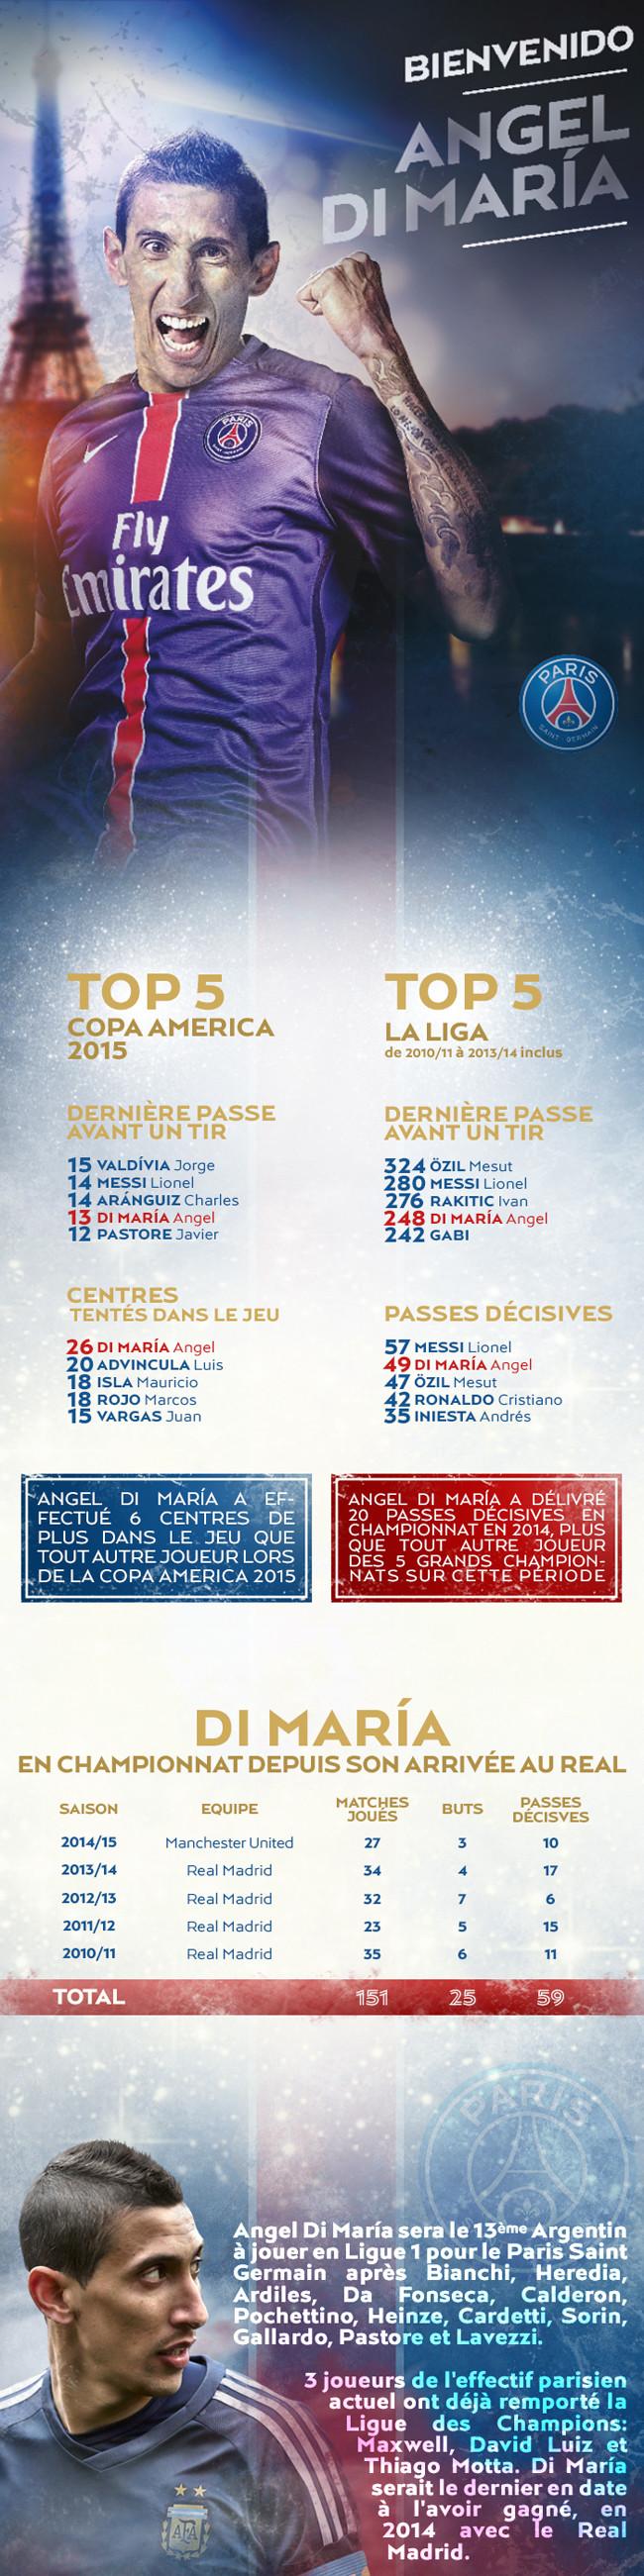 Инфографика psg.fr